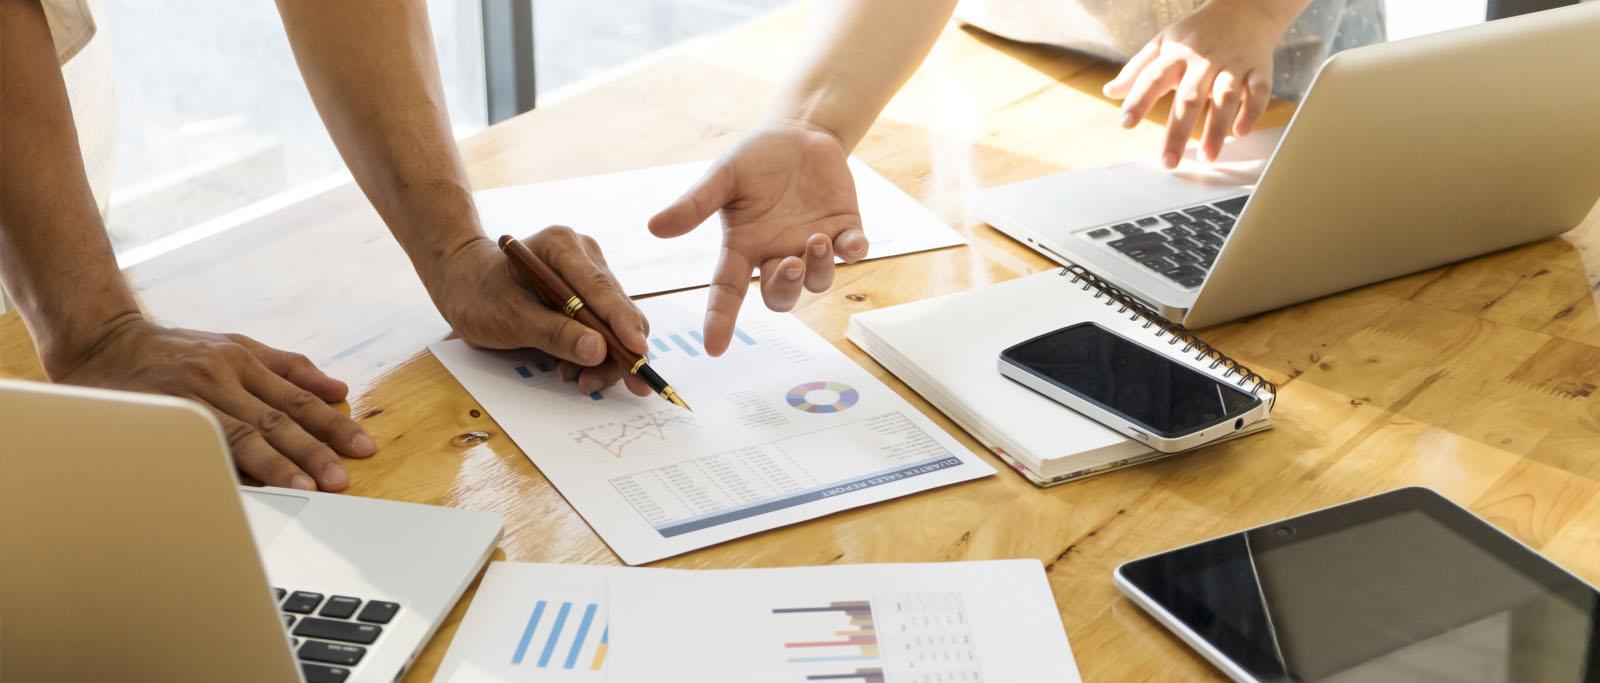 Por que criar um script de vendas para sua área comercial? Veja 9 razões